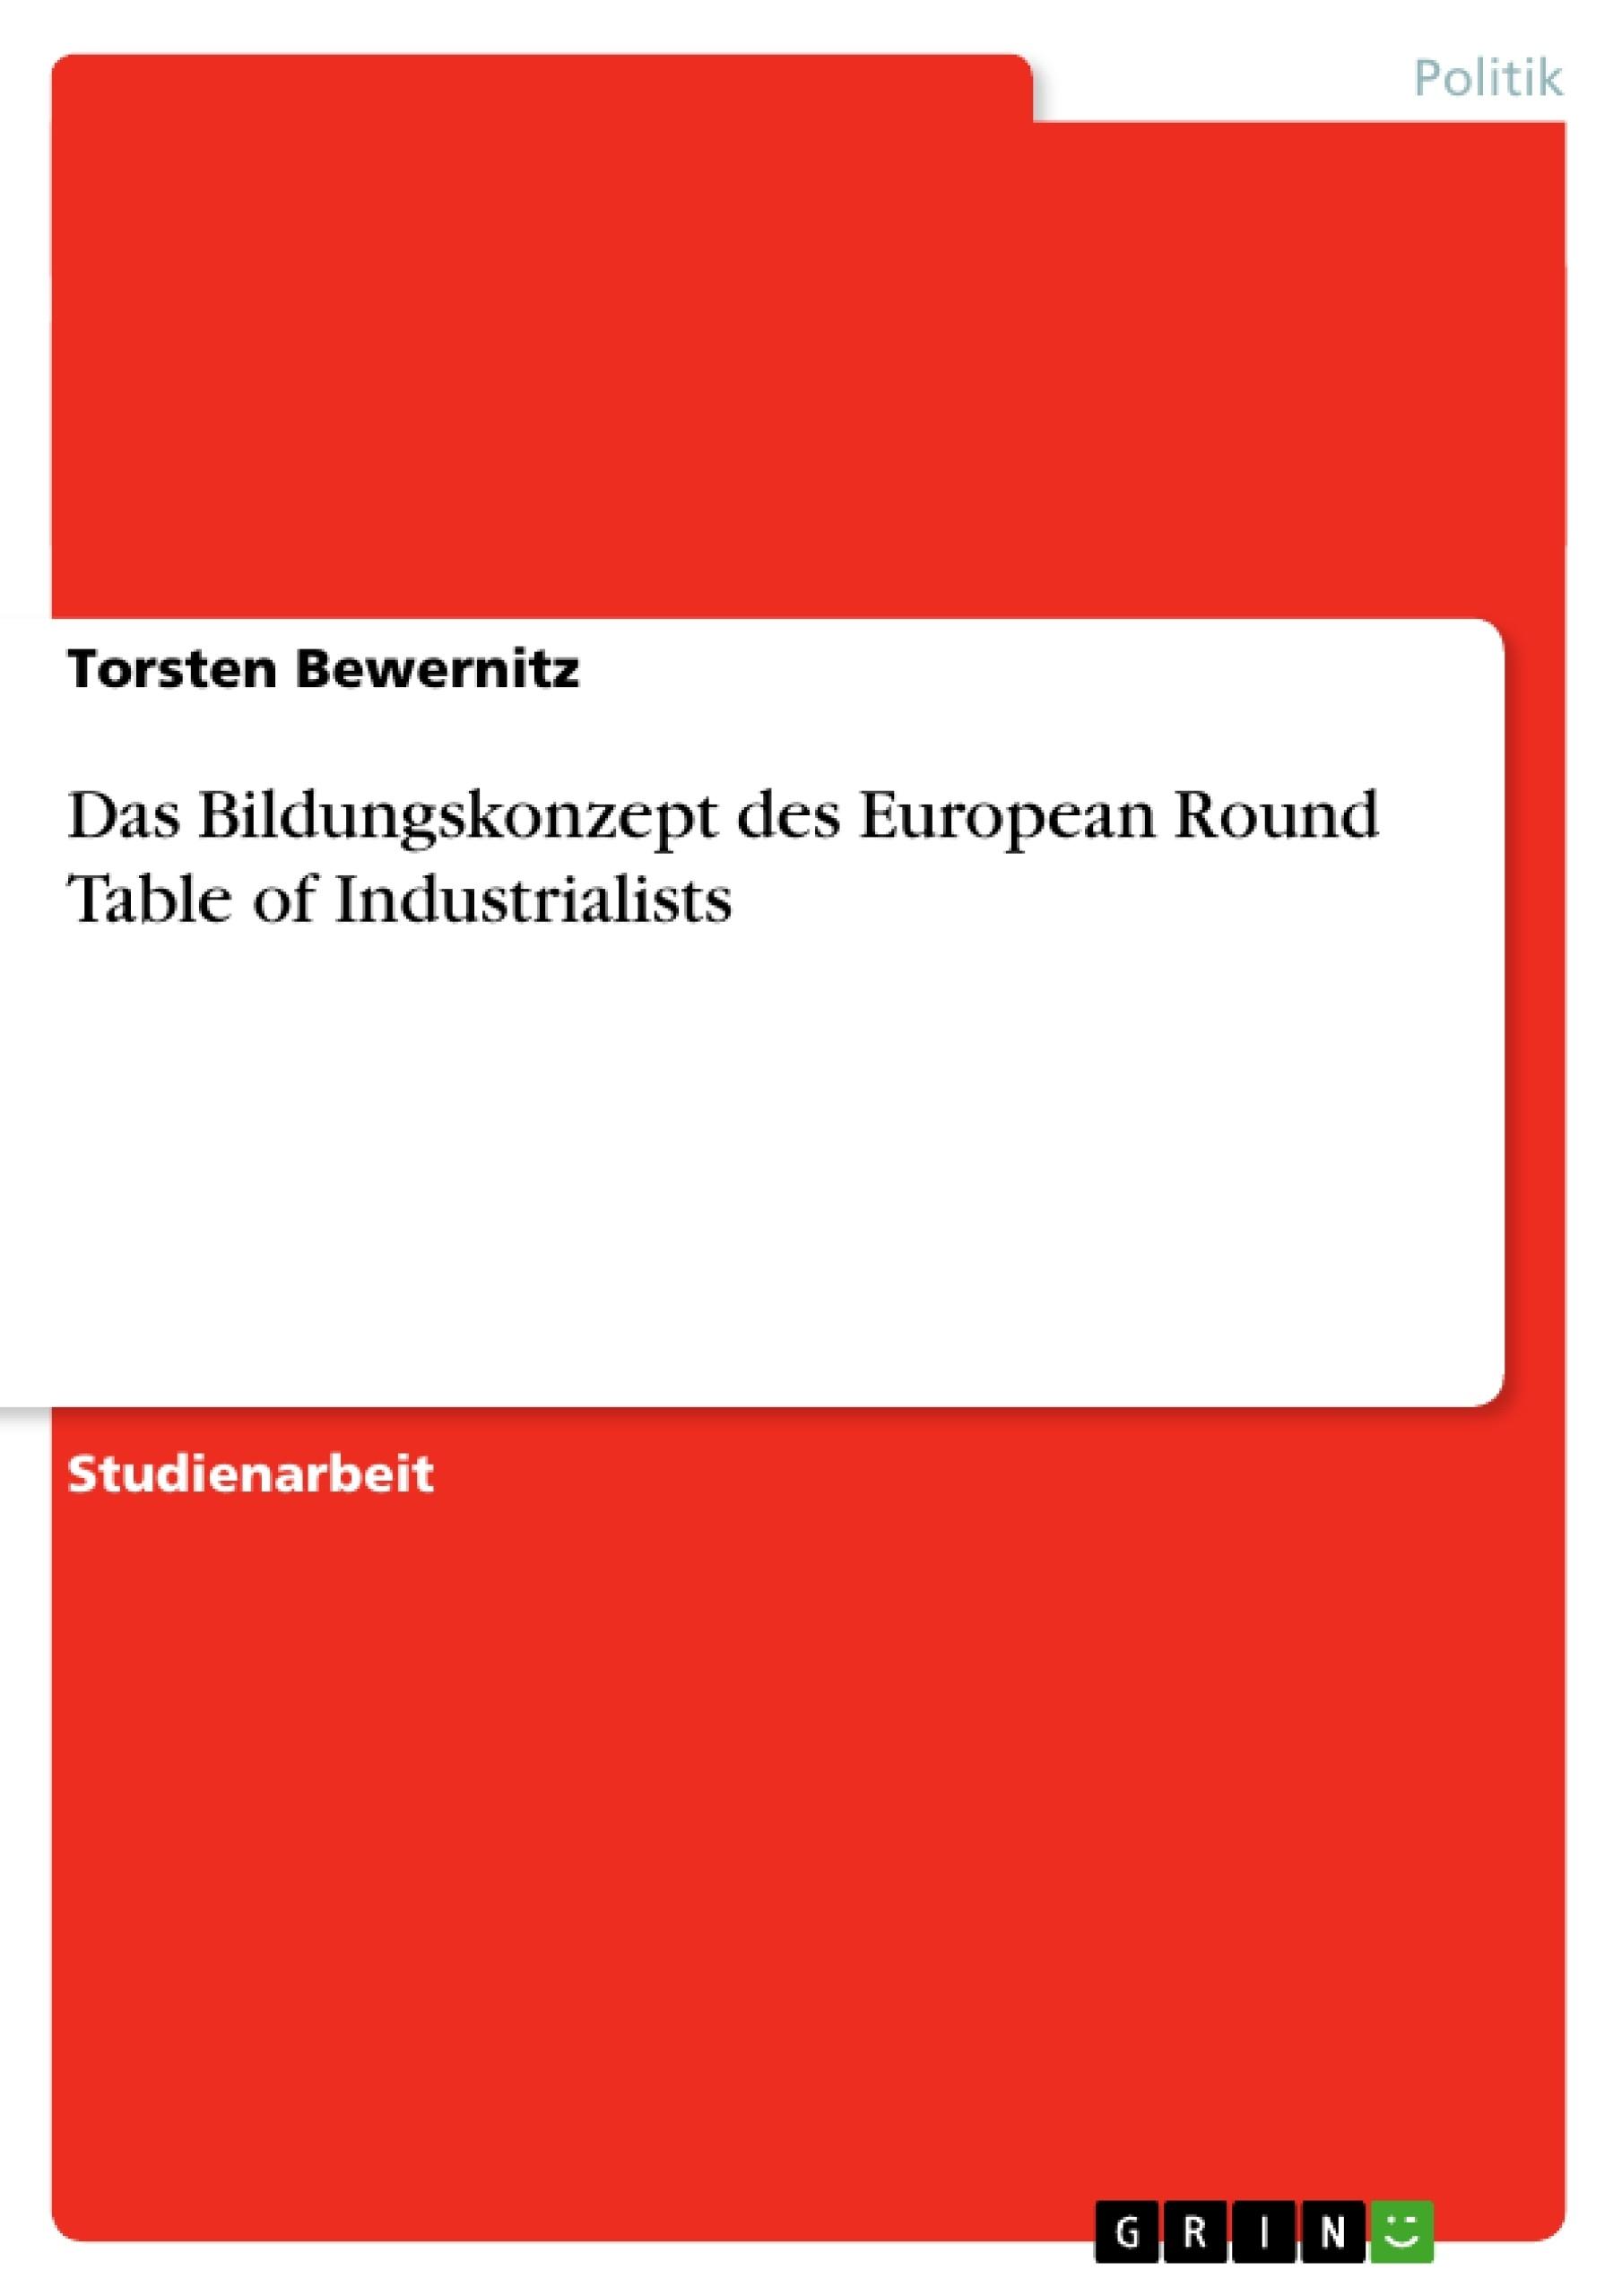 Titel: Das Bildungskonzept des European Round Table of Industrialists